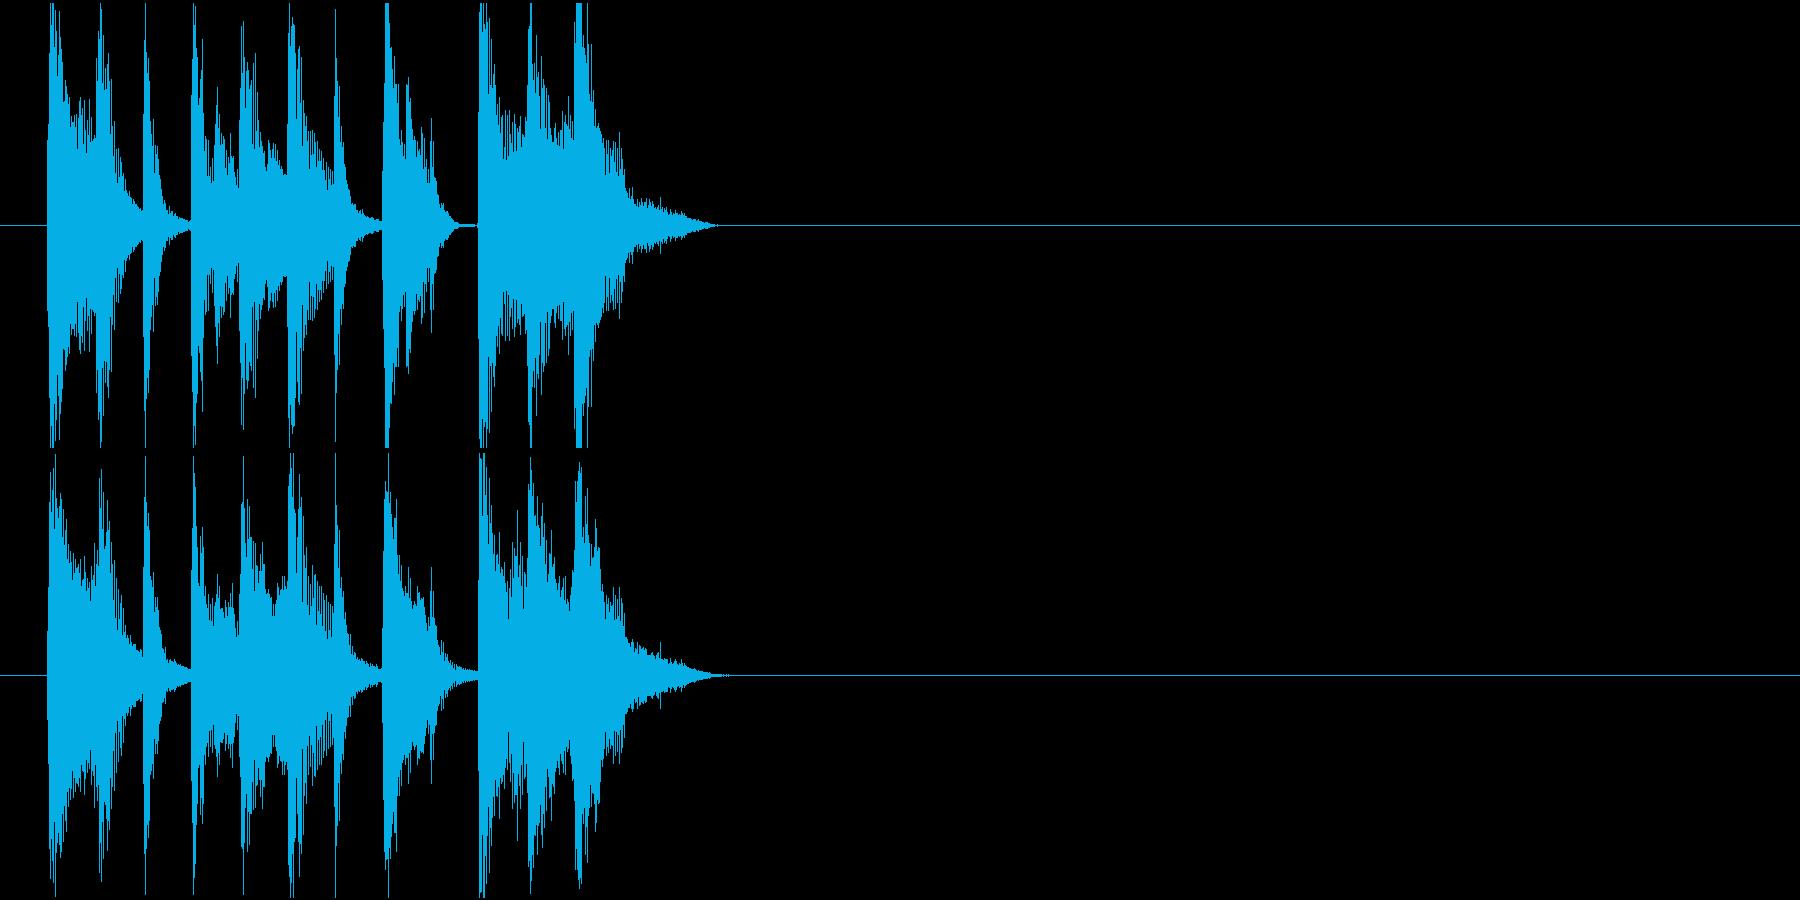 情報 CM イベント クイズ 軽快 元気の再生済みの波形